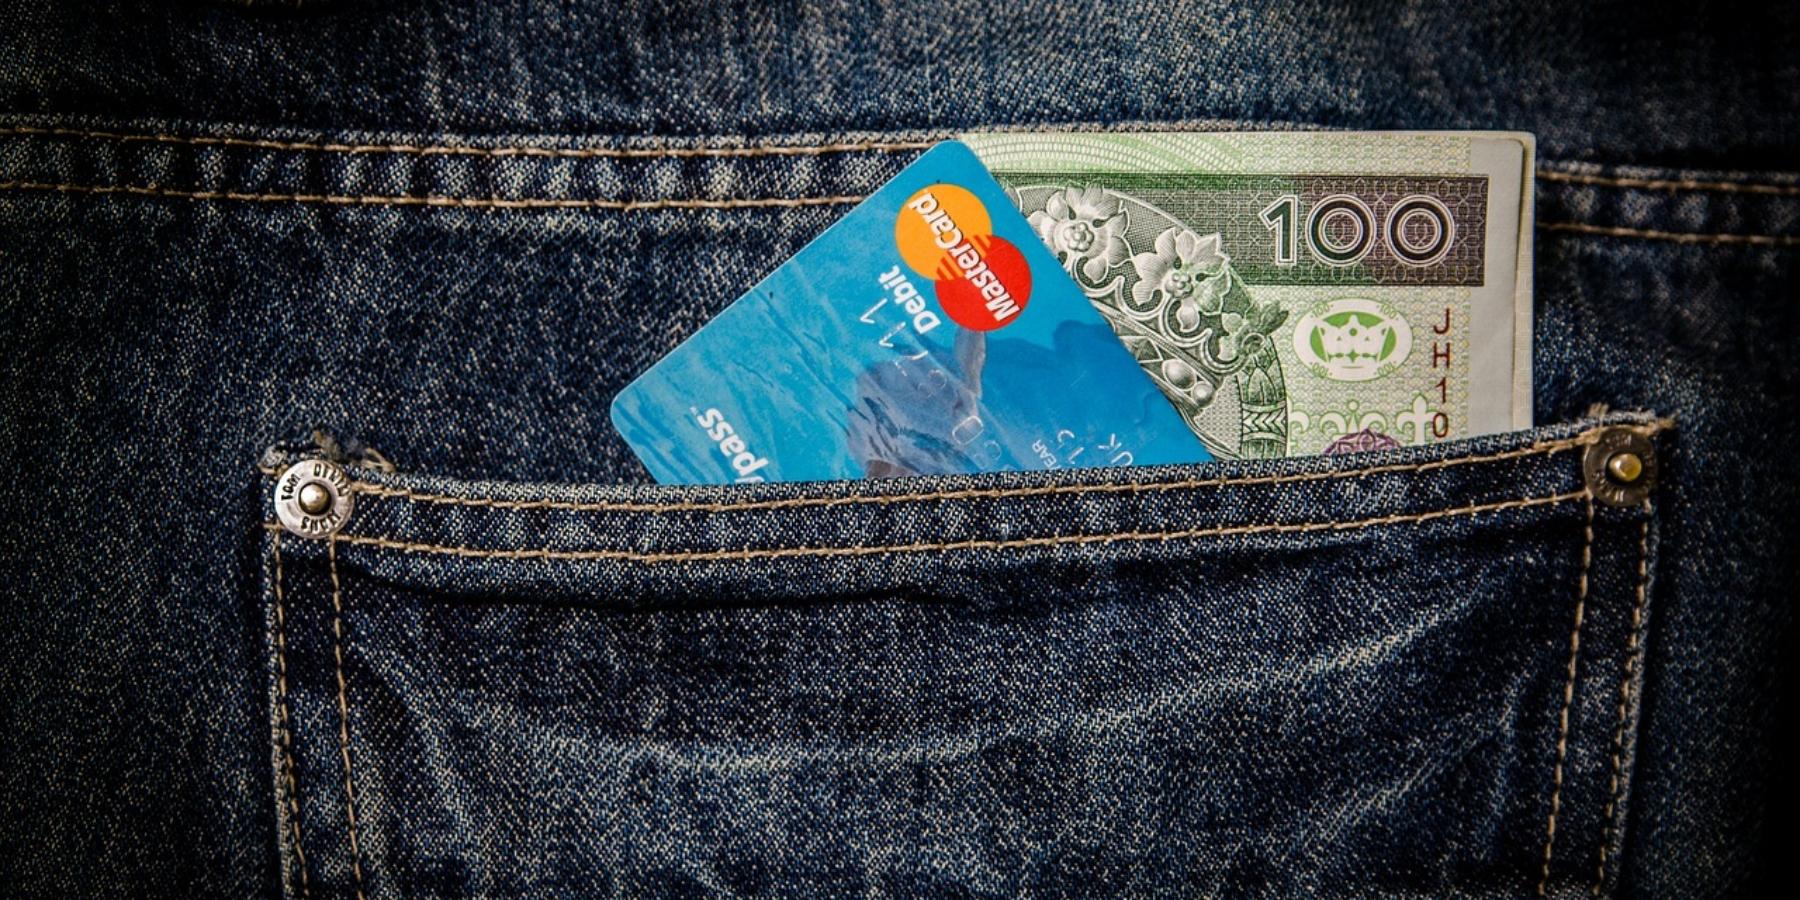 Czyzałożenie firmy pożyczkowej online todobry pomysł nabiznes?